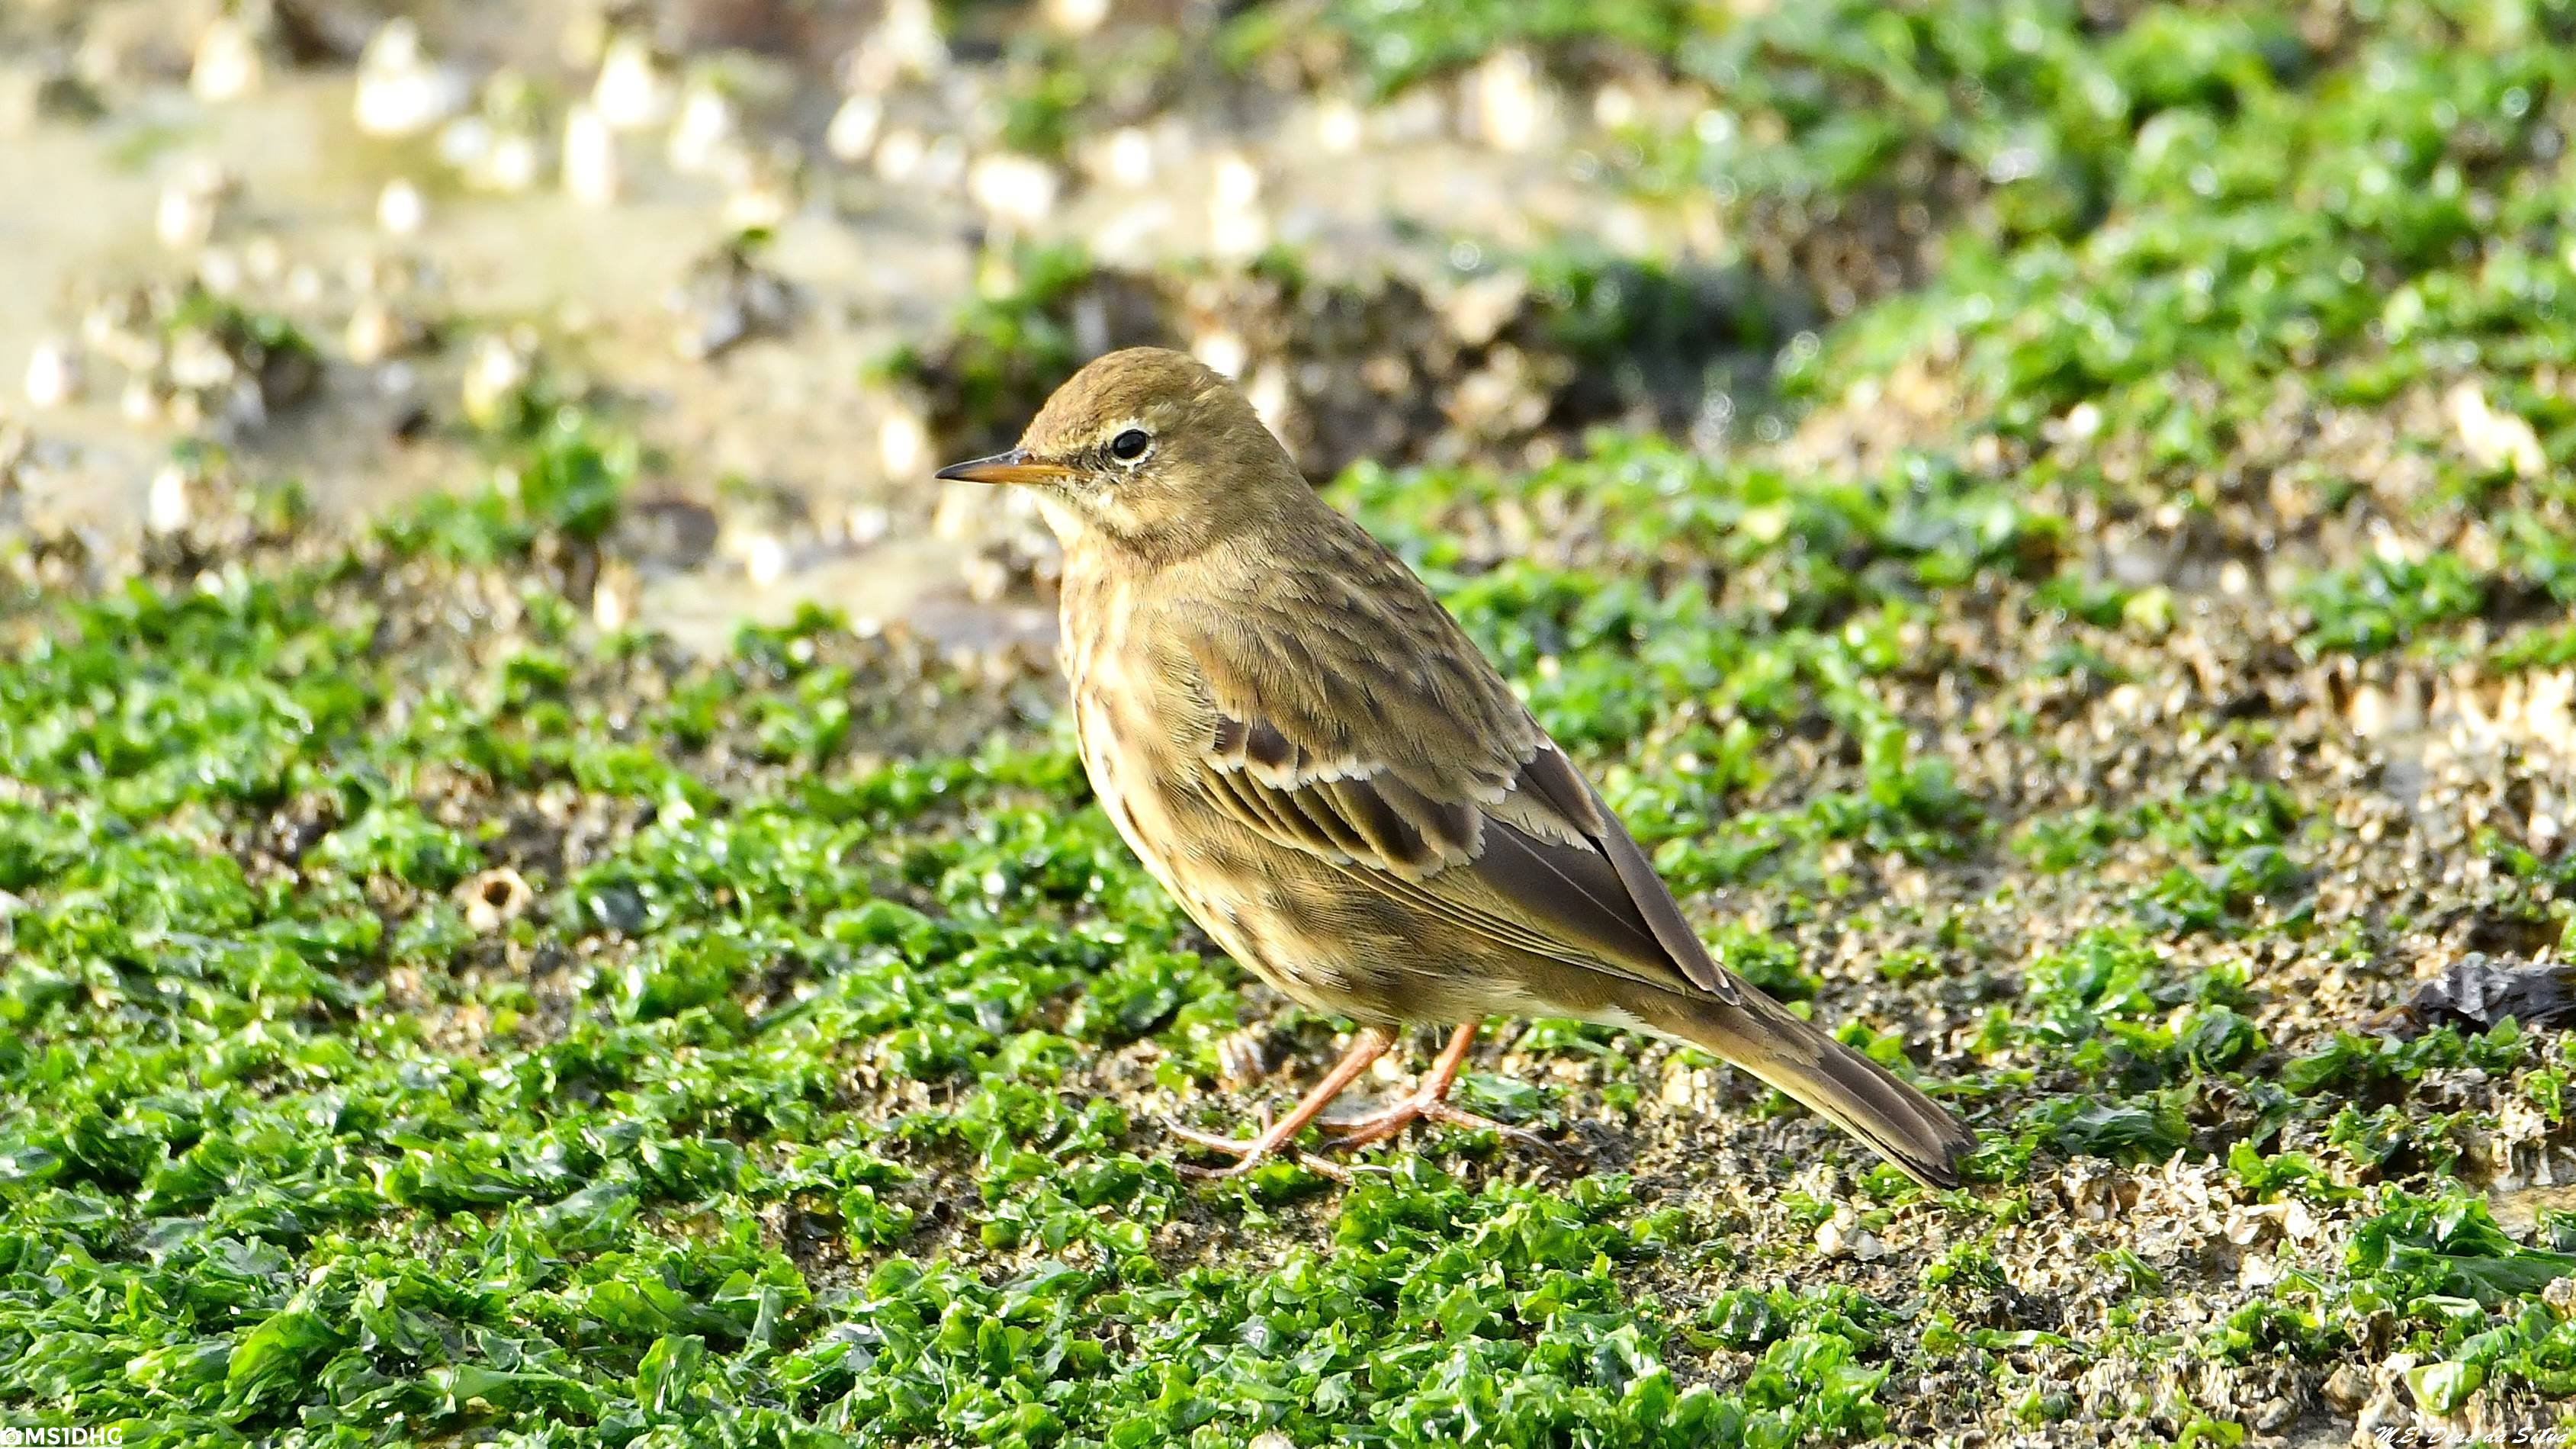 Fórum Aves - Birdwatching em Portugal - Portal Petinha-mar%c3%adtima%20(12)